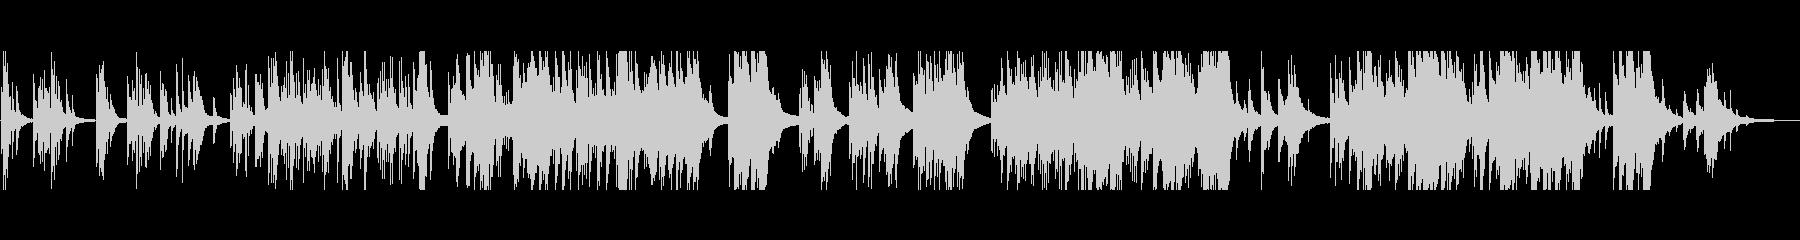 切ない美しいメロディ 生演奏のピアノソロの未再生の波形